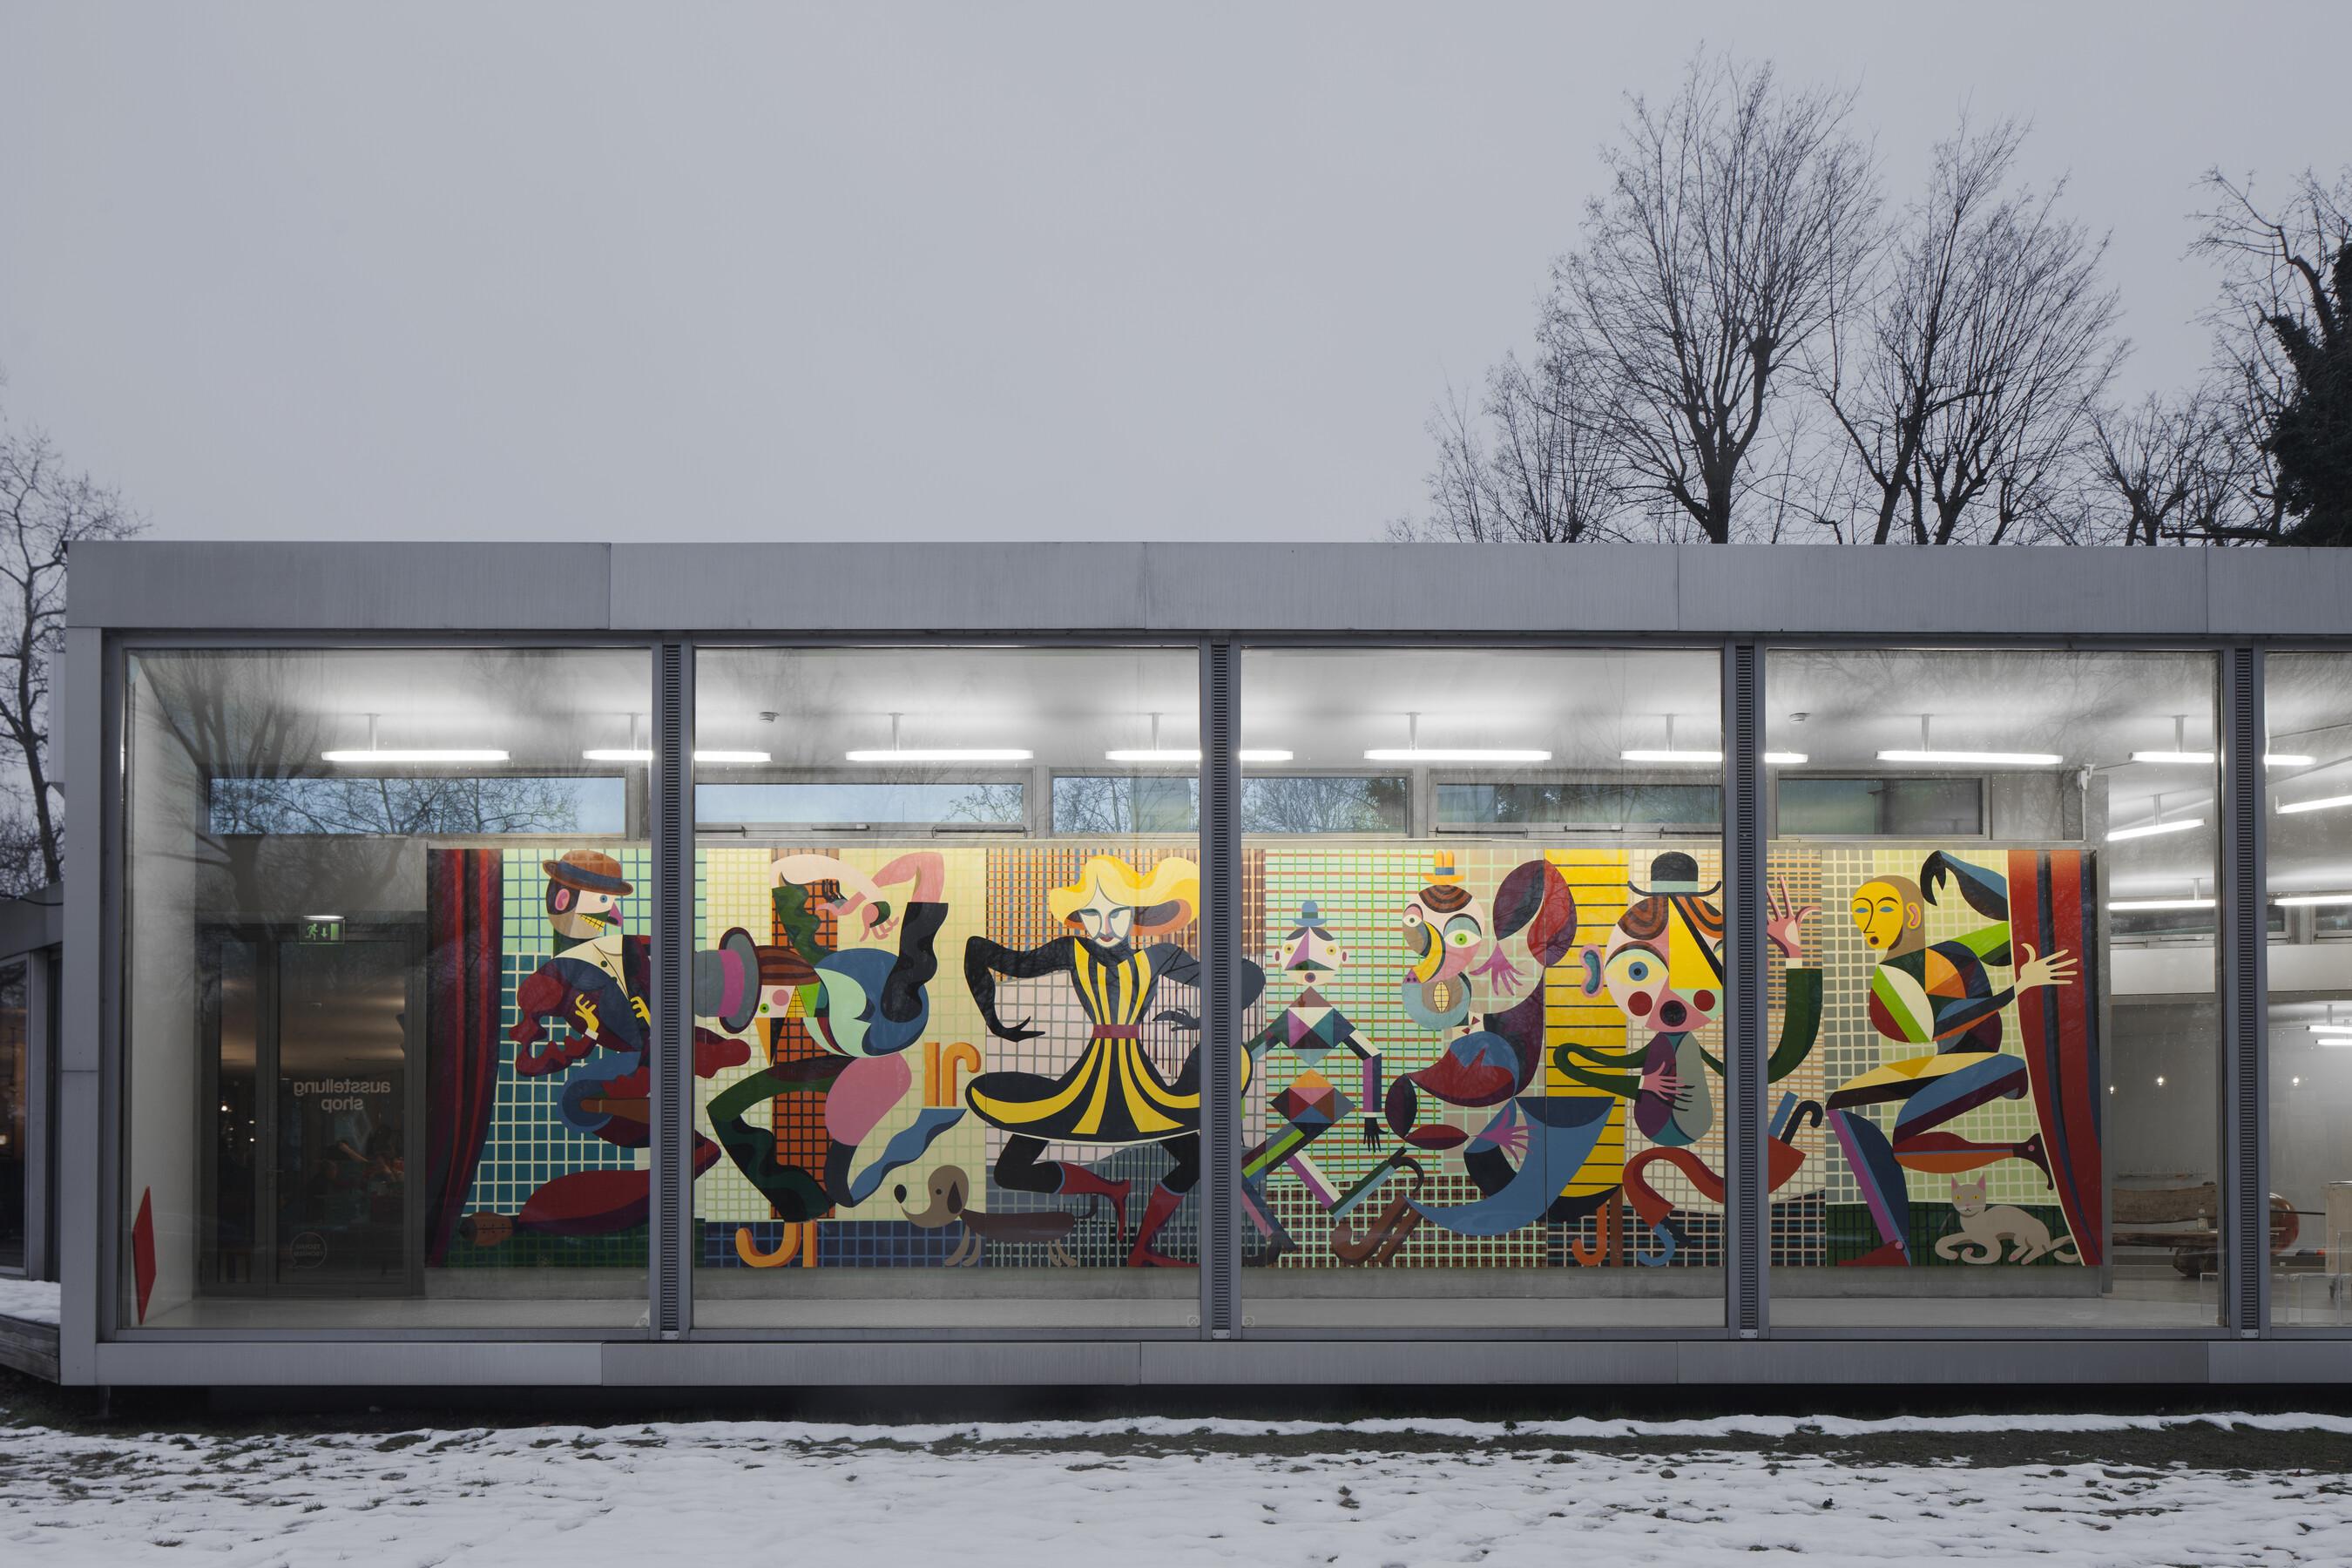 Christoph Ruckhäberle, Malerei für Moritz, 2018, Gaudiopolis - Versuch einer guten Gesellschaft, Ausstellungsansicht, © Galerie für Zeitgenössische Kunst